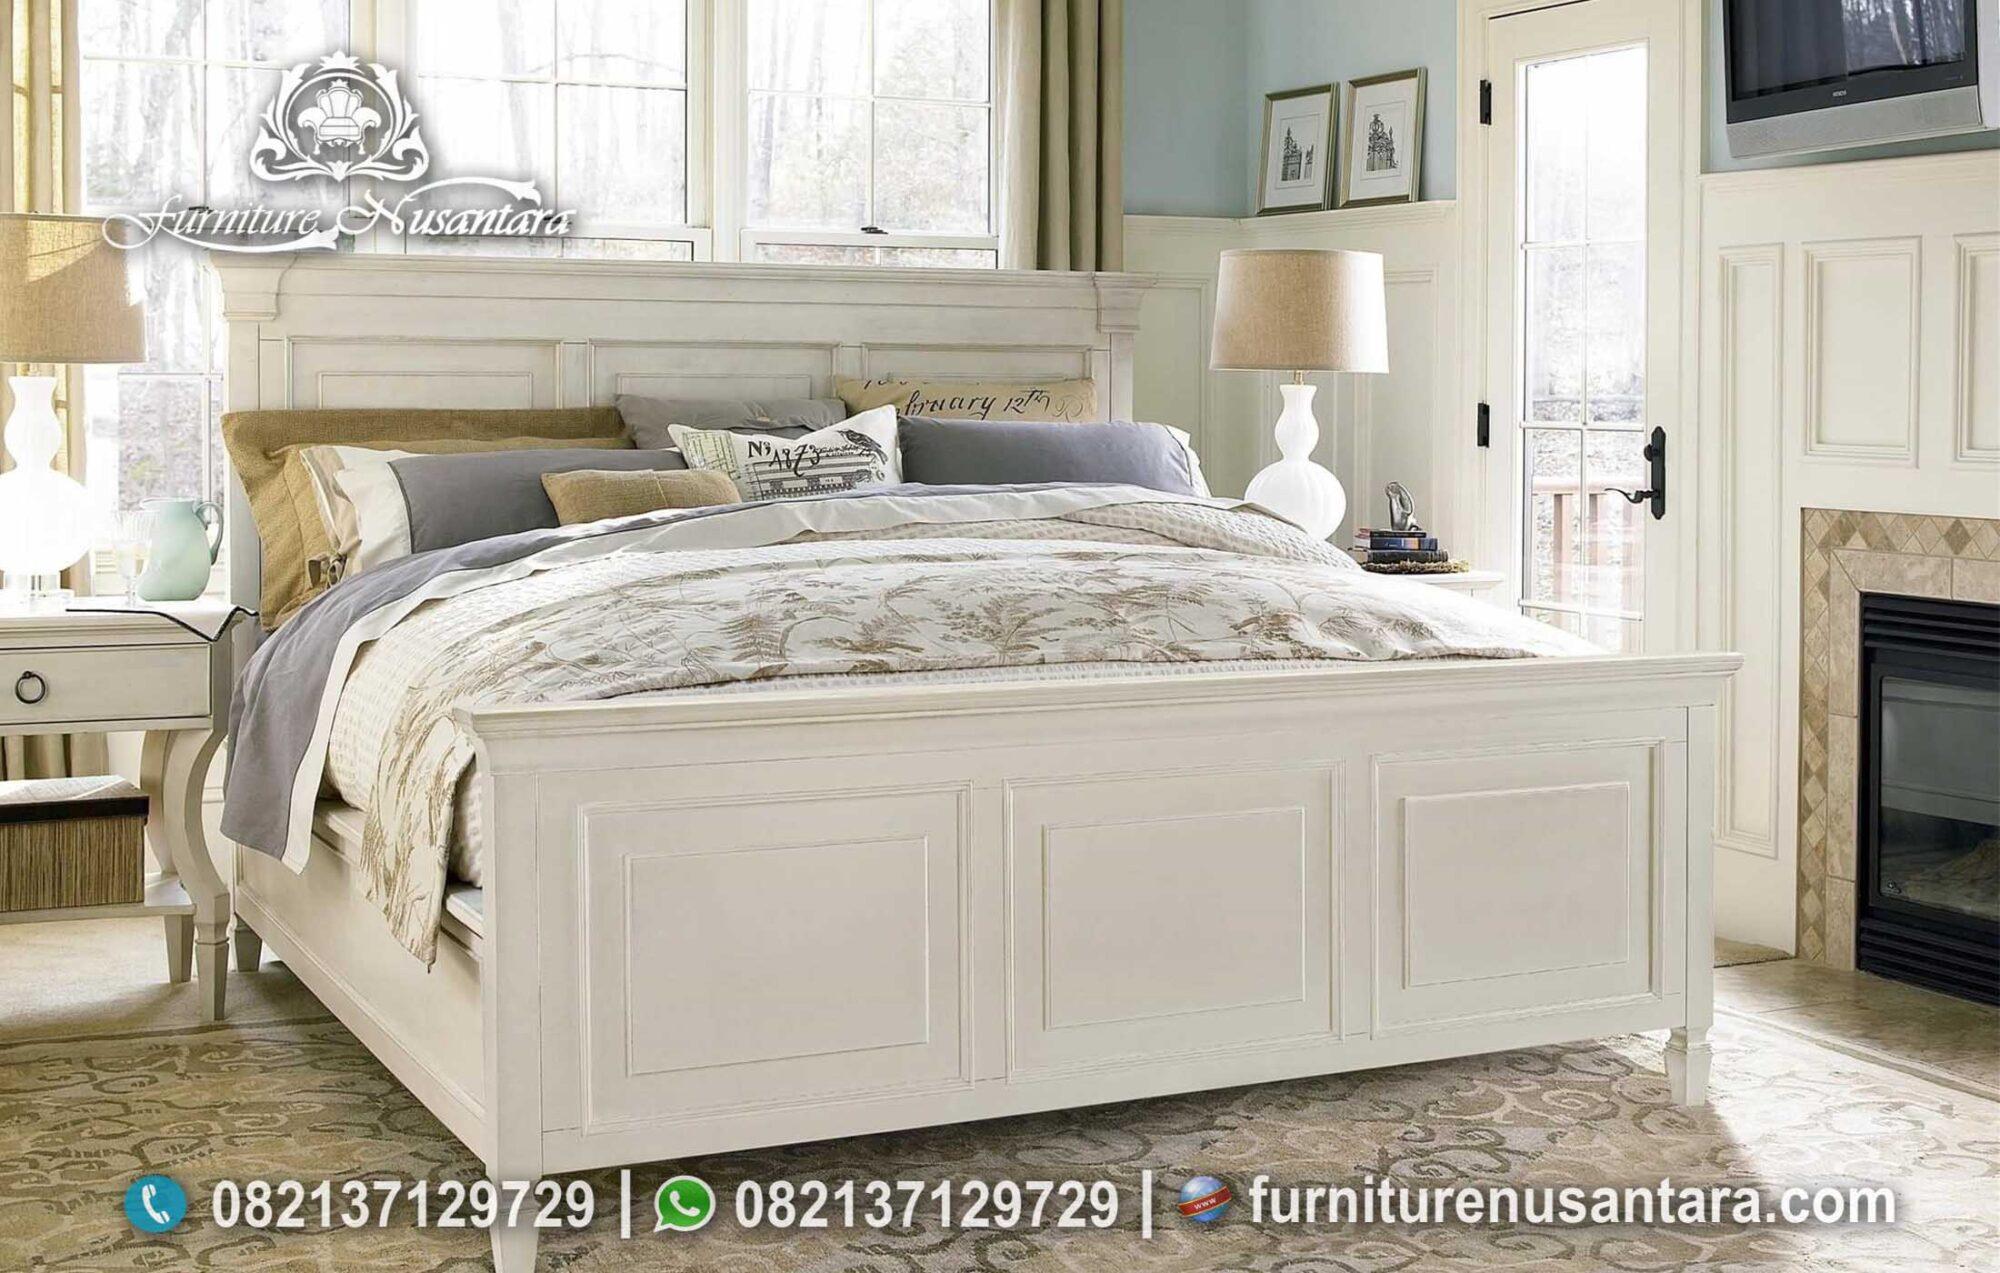 Jual Tempat Tidur Putih Compact Model KS-165, Furniture Nusantara